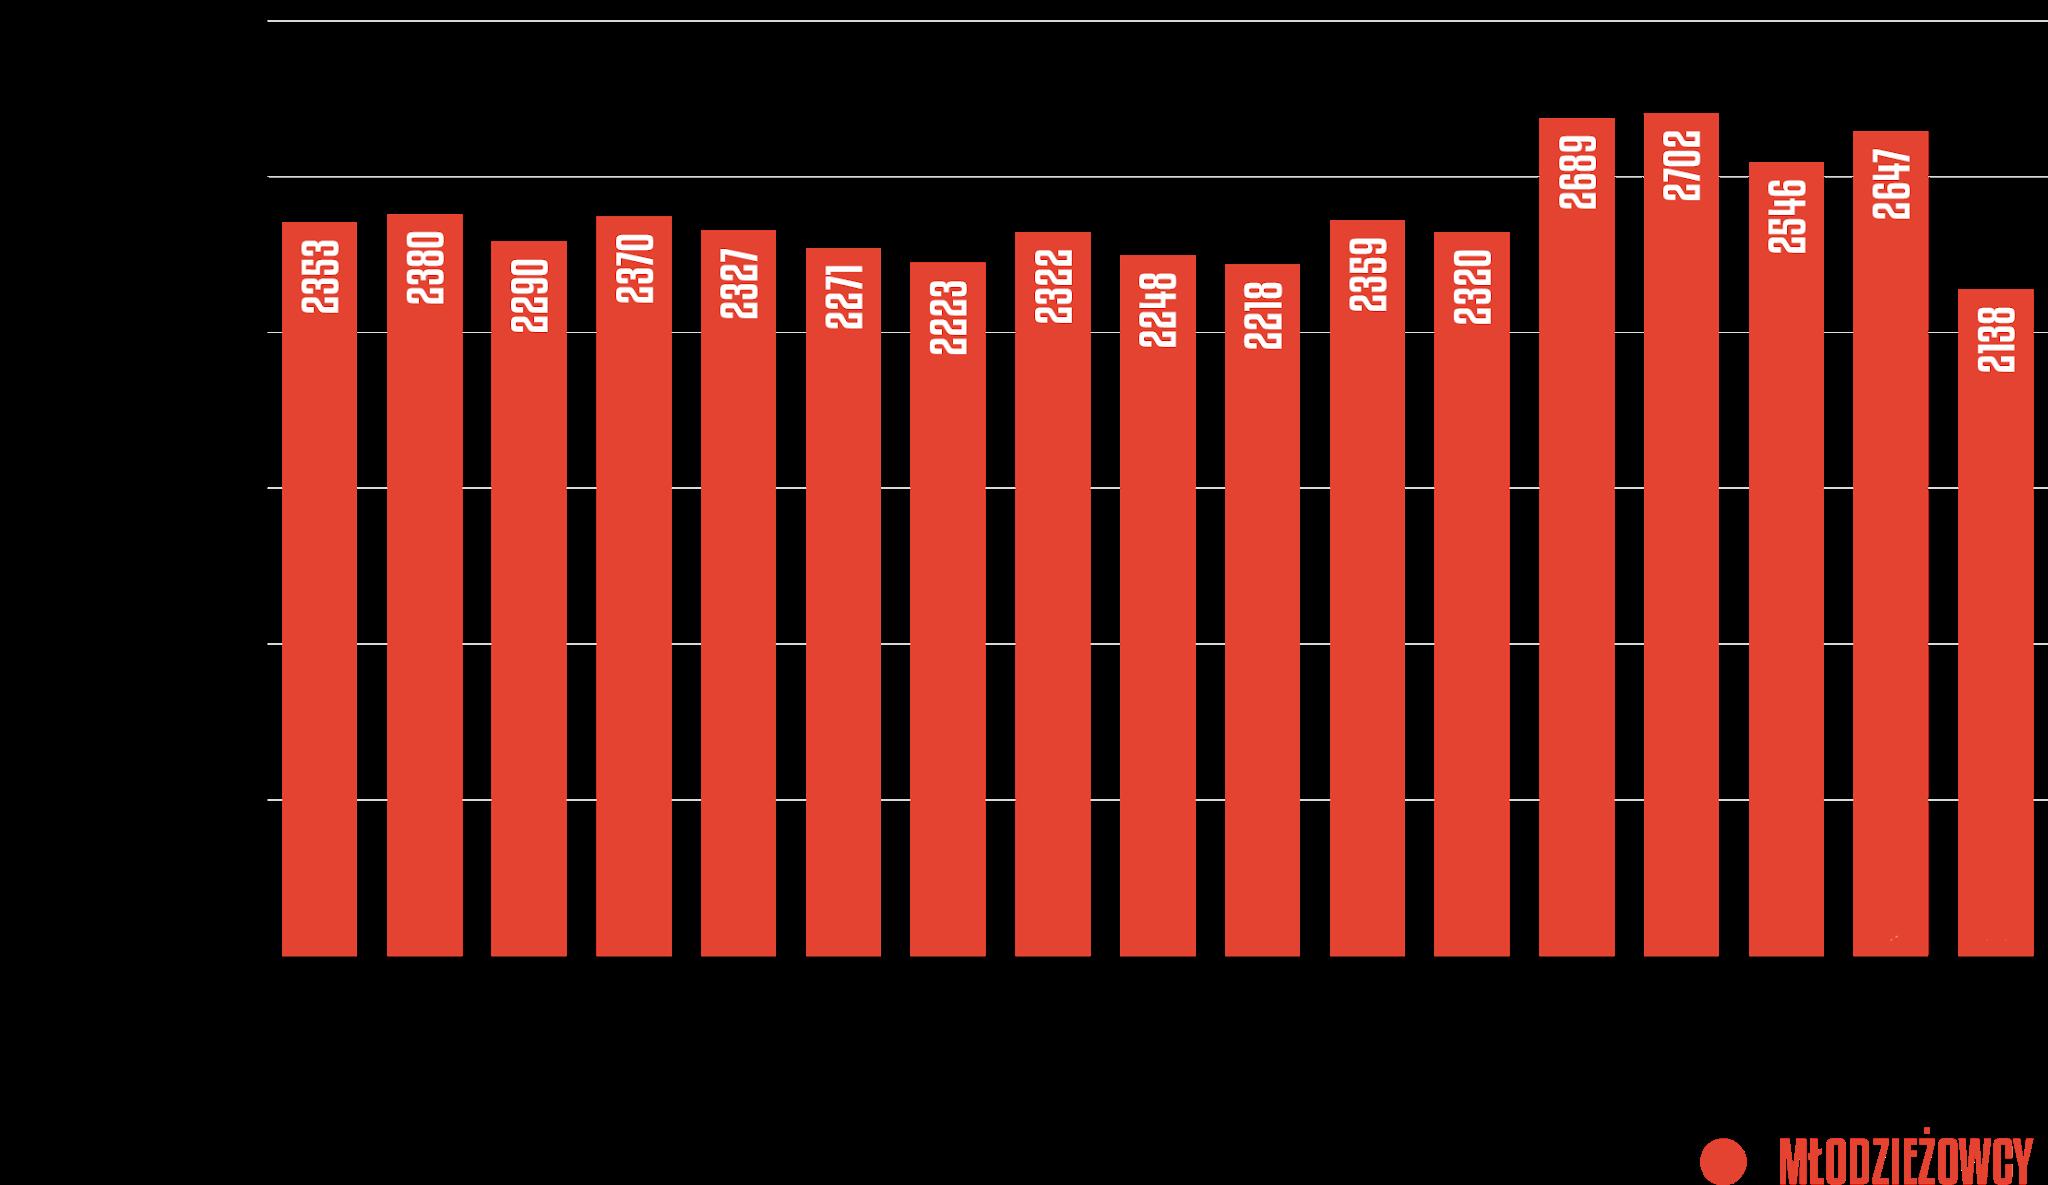 Rozegrany czas przez młodzieżowców w poszczególnych kolejkach Fortuna 1 Ligi 2020/21<br><br>Źródło: Opracowanie własne na podstawie 90minut.pl<br><br>graf. Bartosz Urban